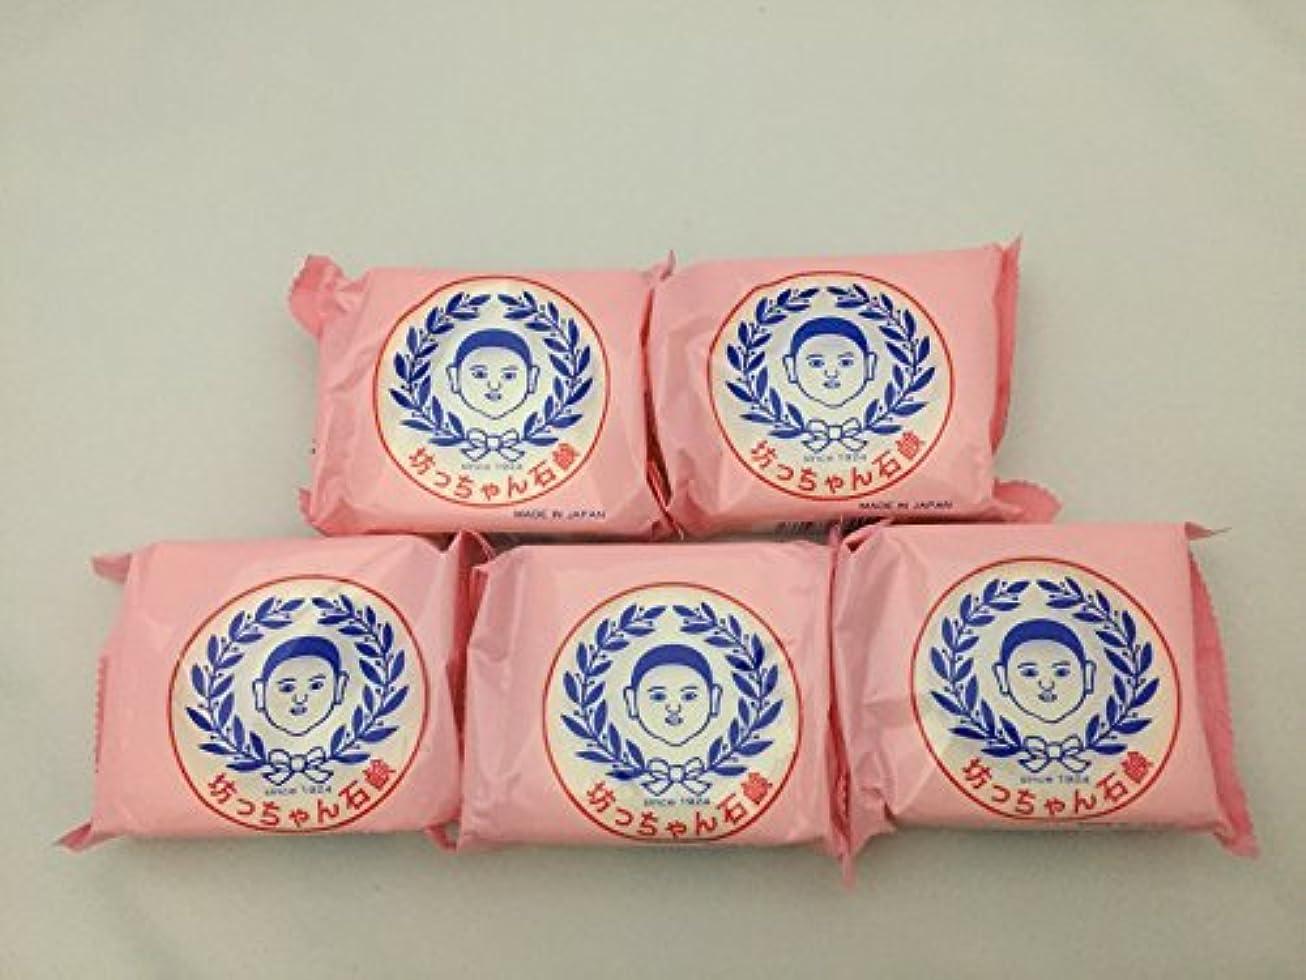 苦難ゴージャスストレスの多い坊っちゃん石鹸 釜出し一番 175g×5個 まとめ買い